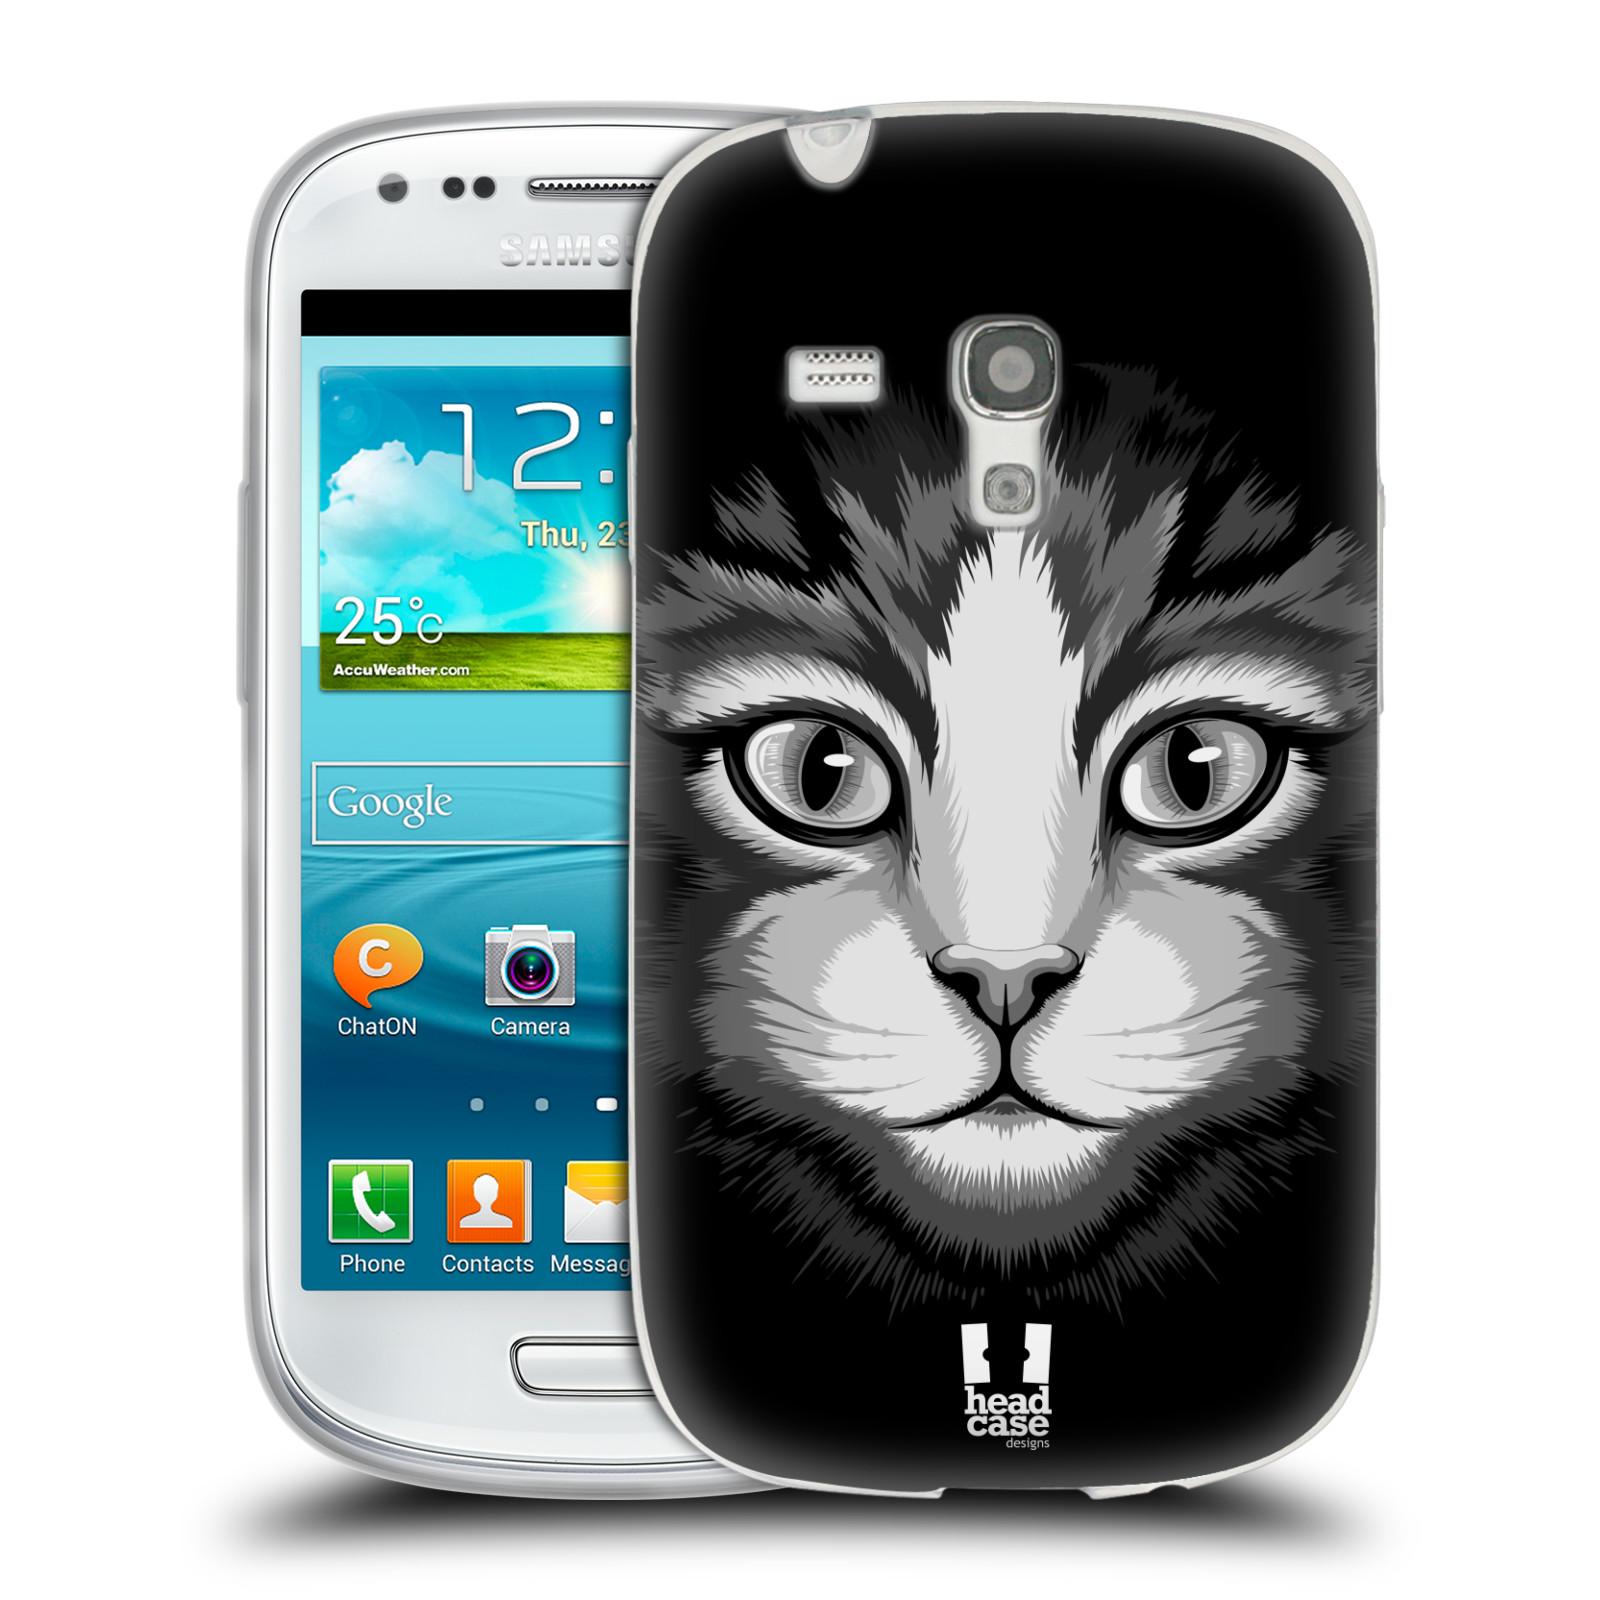 HEAD CASE silikonový obal na mobil Samsung Galaxy S3 MINI i8190 vzor Zvíře kreslená tvář 2 kočička